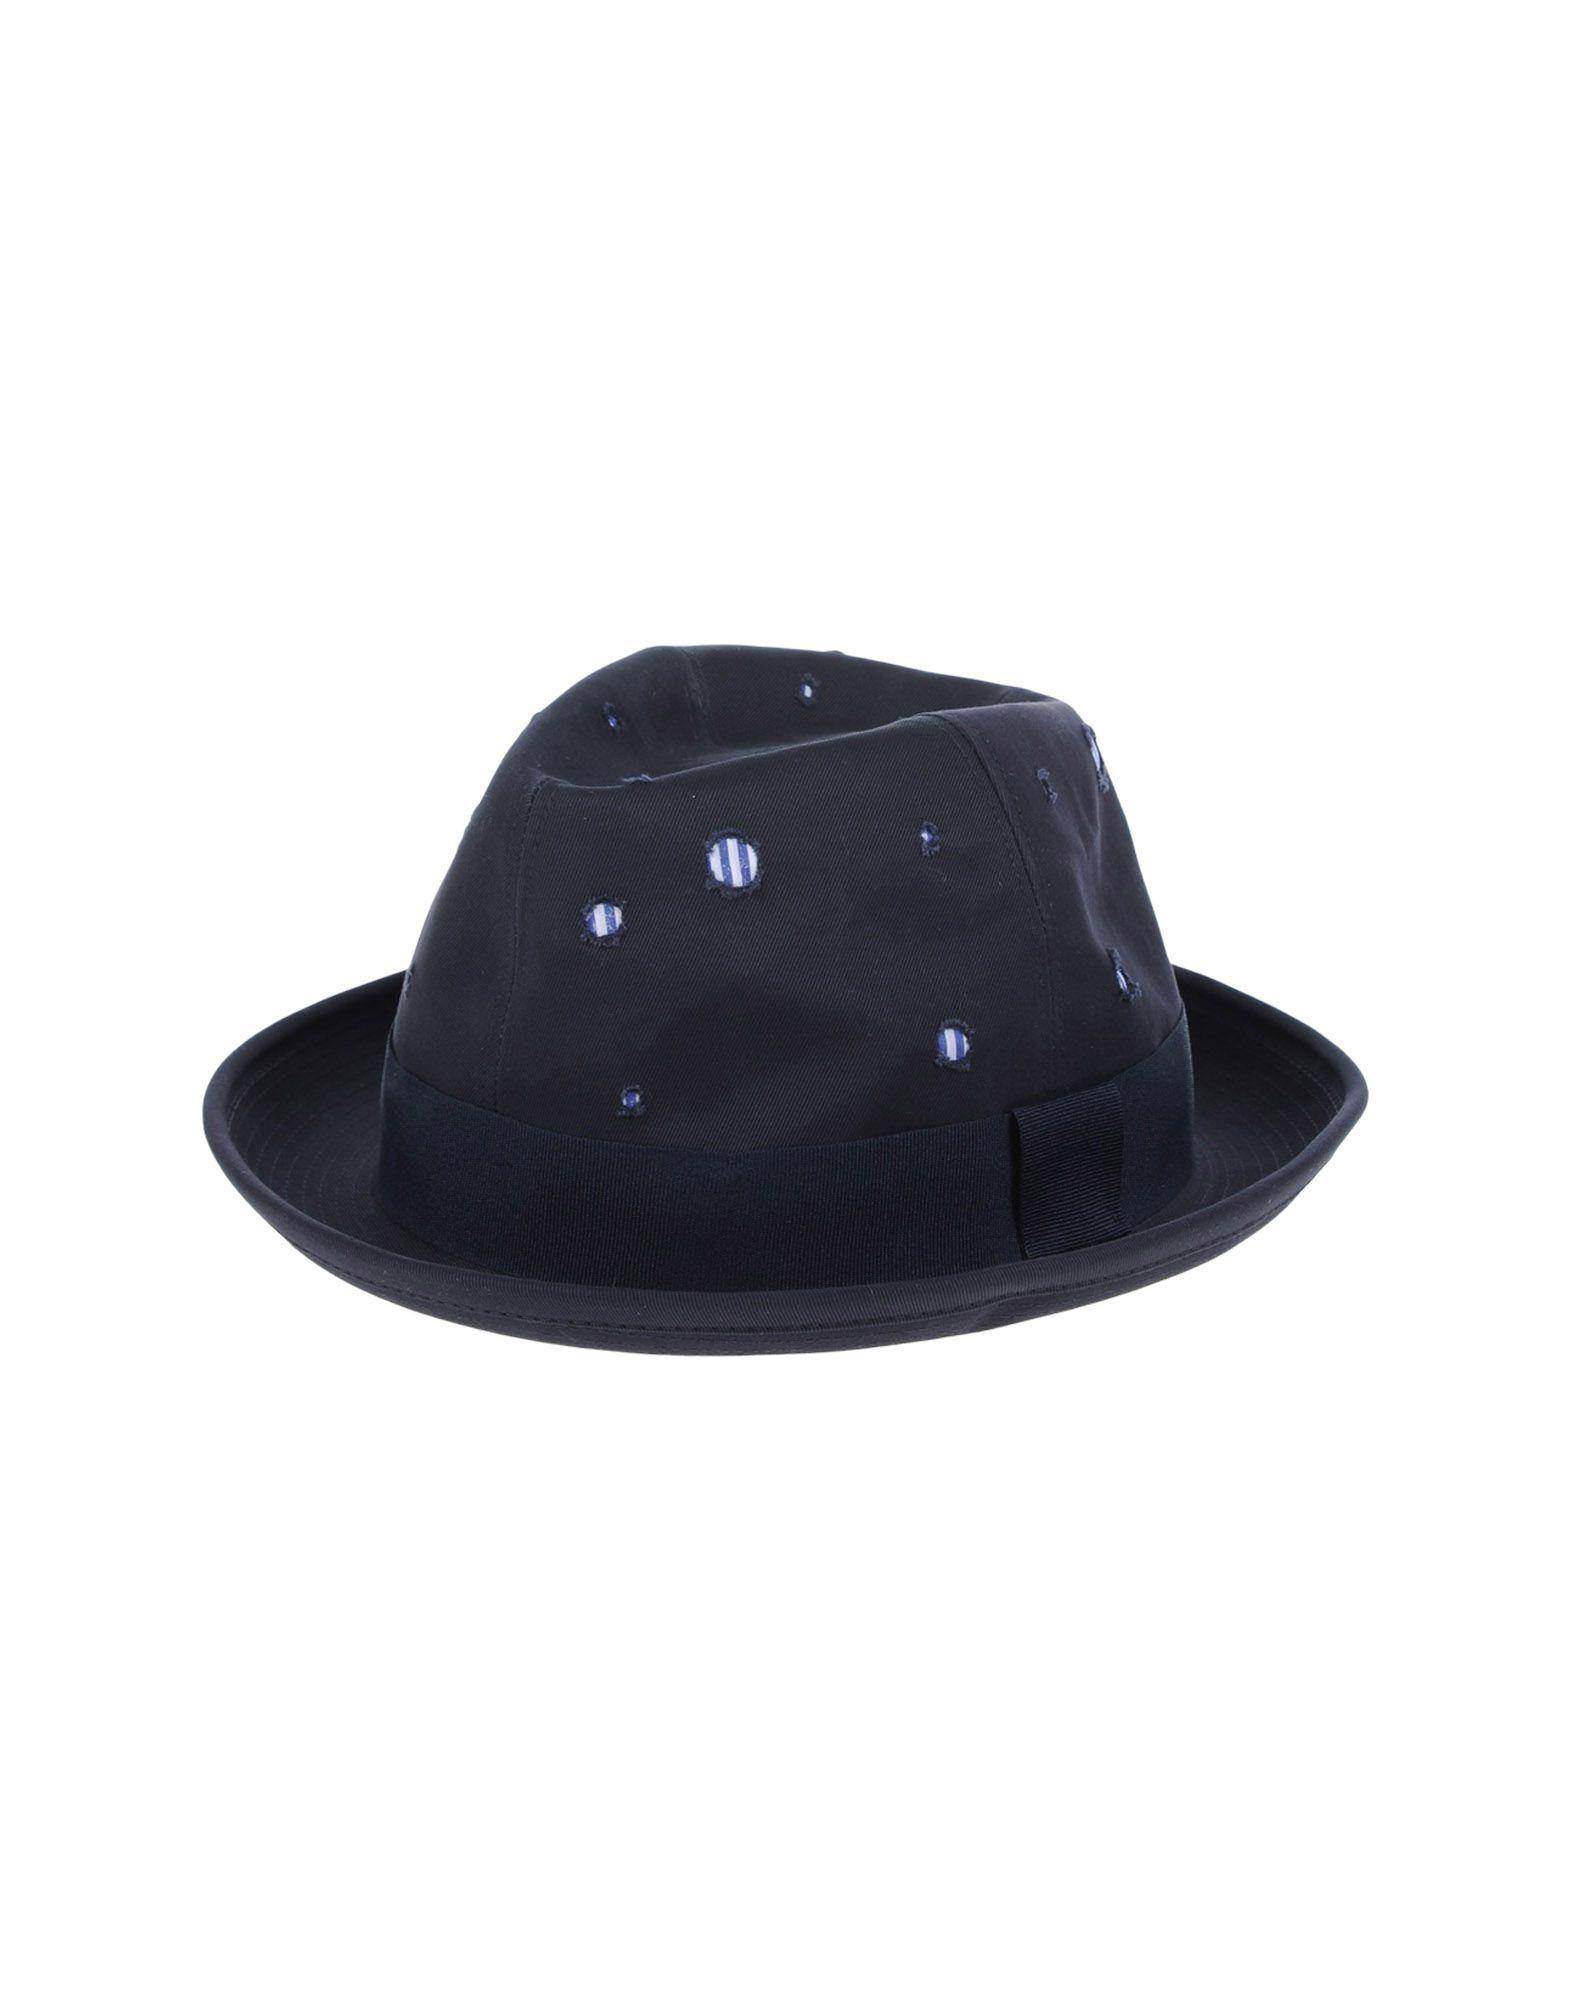 59f9085619d Comme Des Garçons Shirt Hat - Men Comme Des Garçons Shirt Hats ...